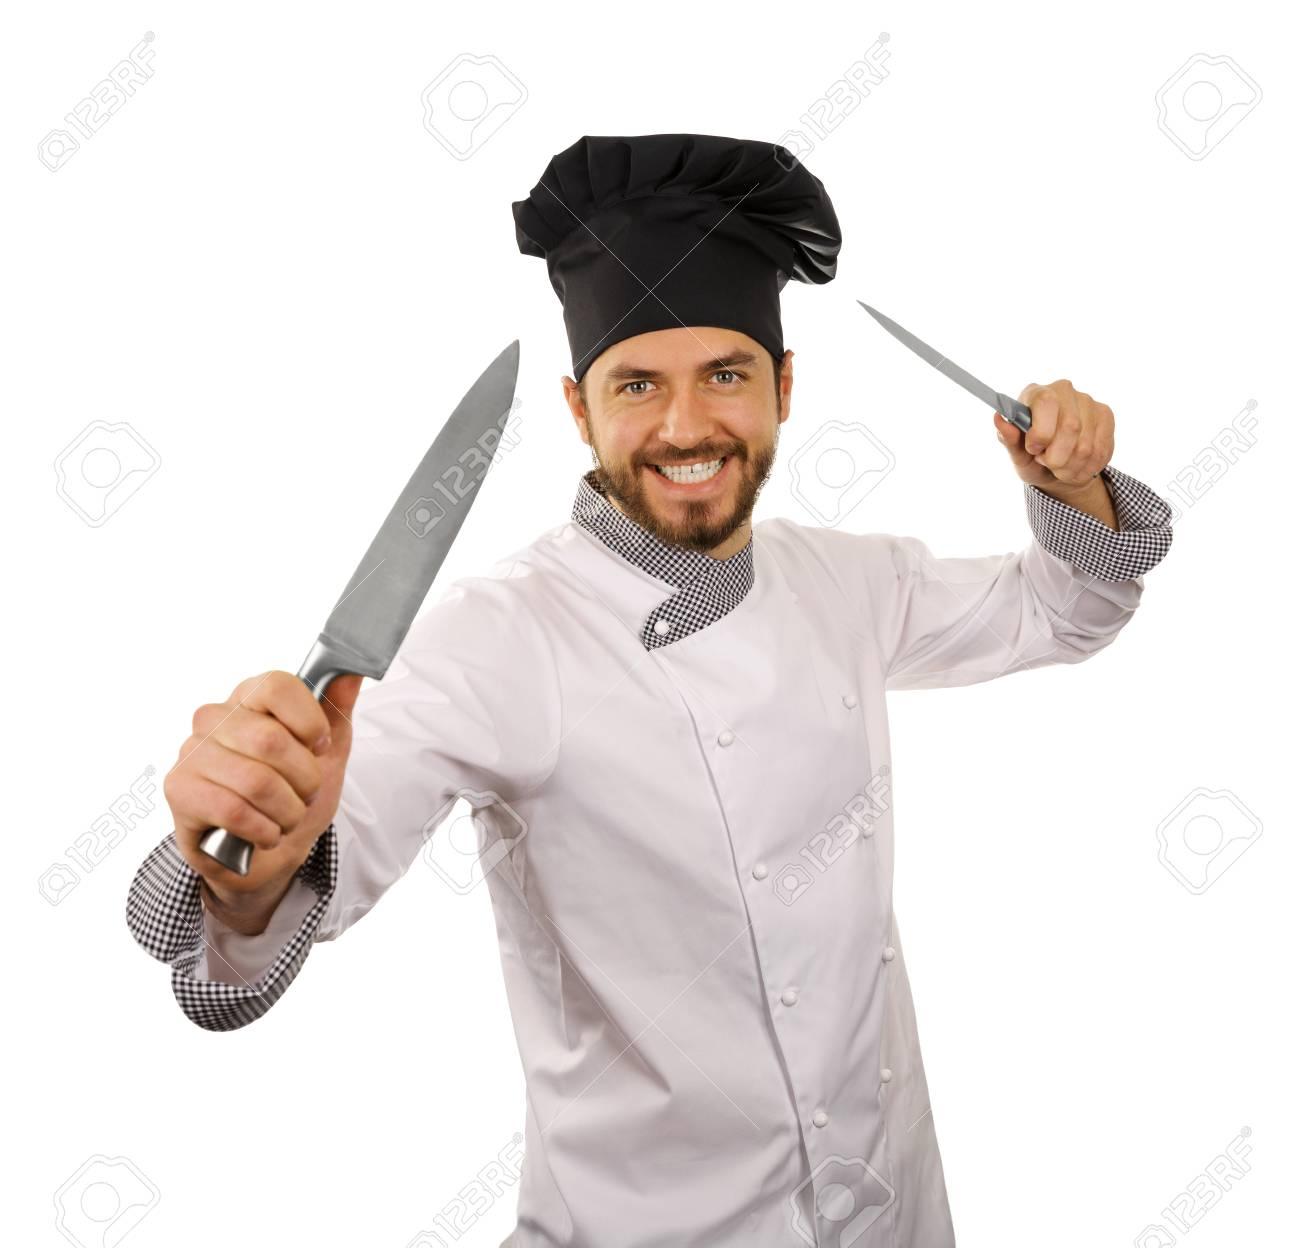 https://previews.123rf.com/images/ronstik/ronstik1701/ronstik170100007/71318419-chef-cuisinier-avec-des-couteaux-dans-les-mains-isolés-sur-fond-blanc.jpg